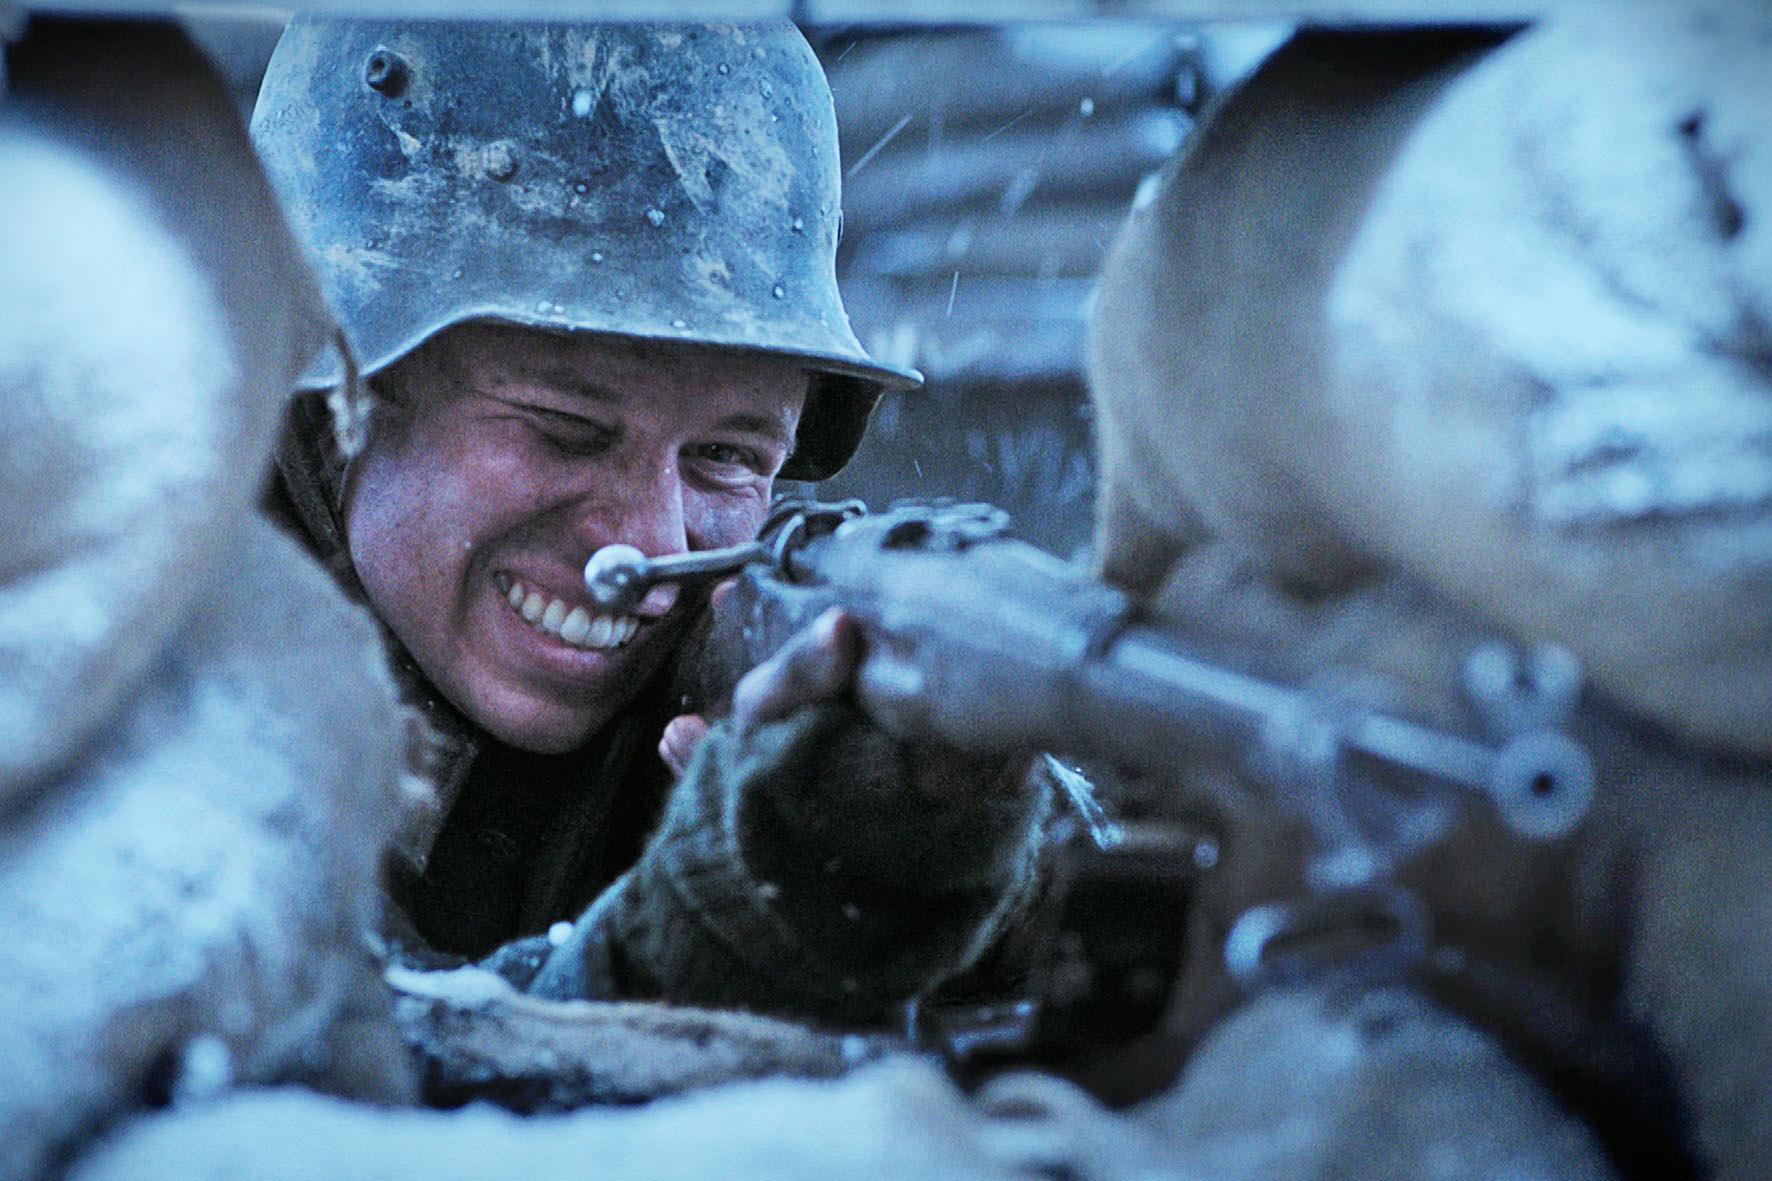 """Erster Weltkrieg mit Downton-Klängen: """"Generation der Verdammten"""" auf Bluray. 4"""